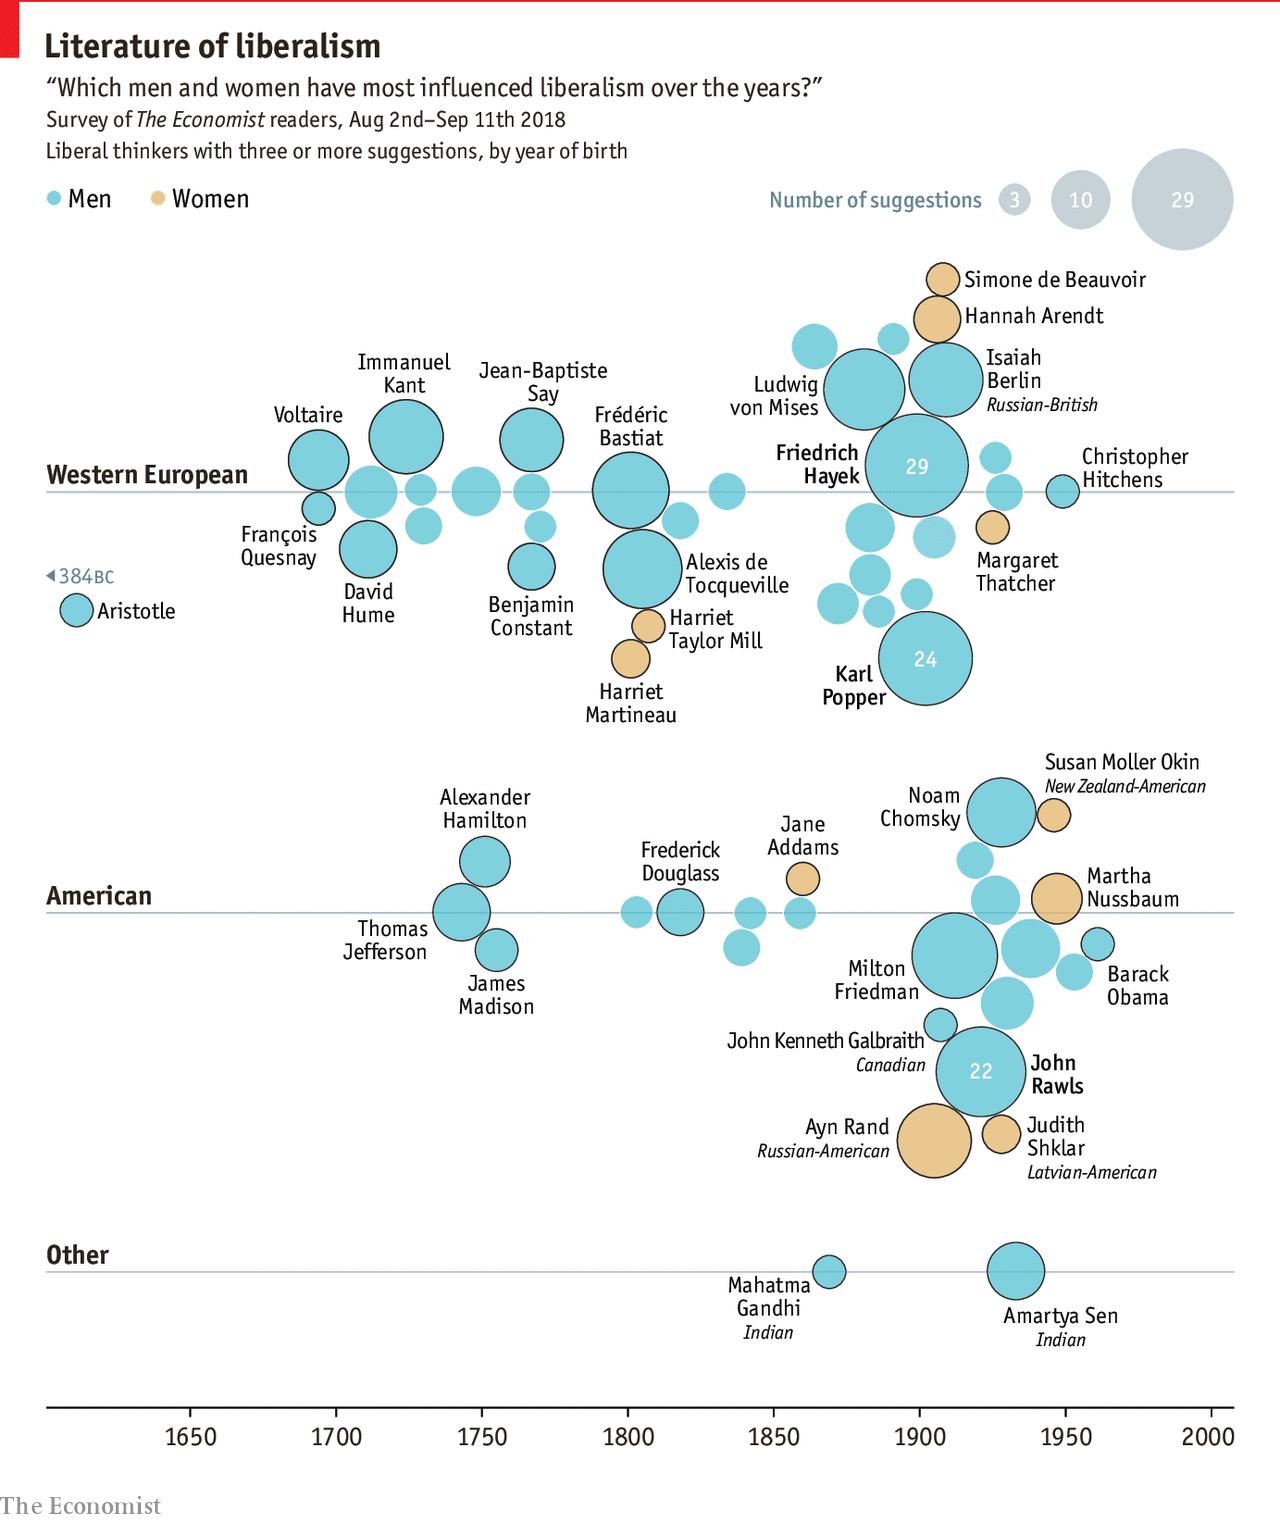 Source: The Economist.